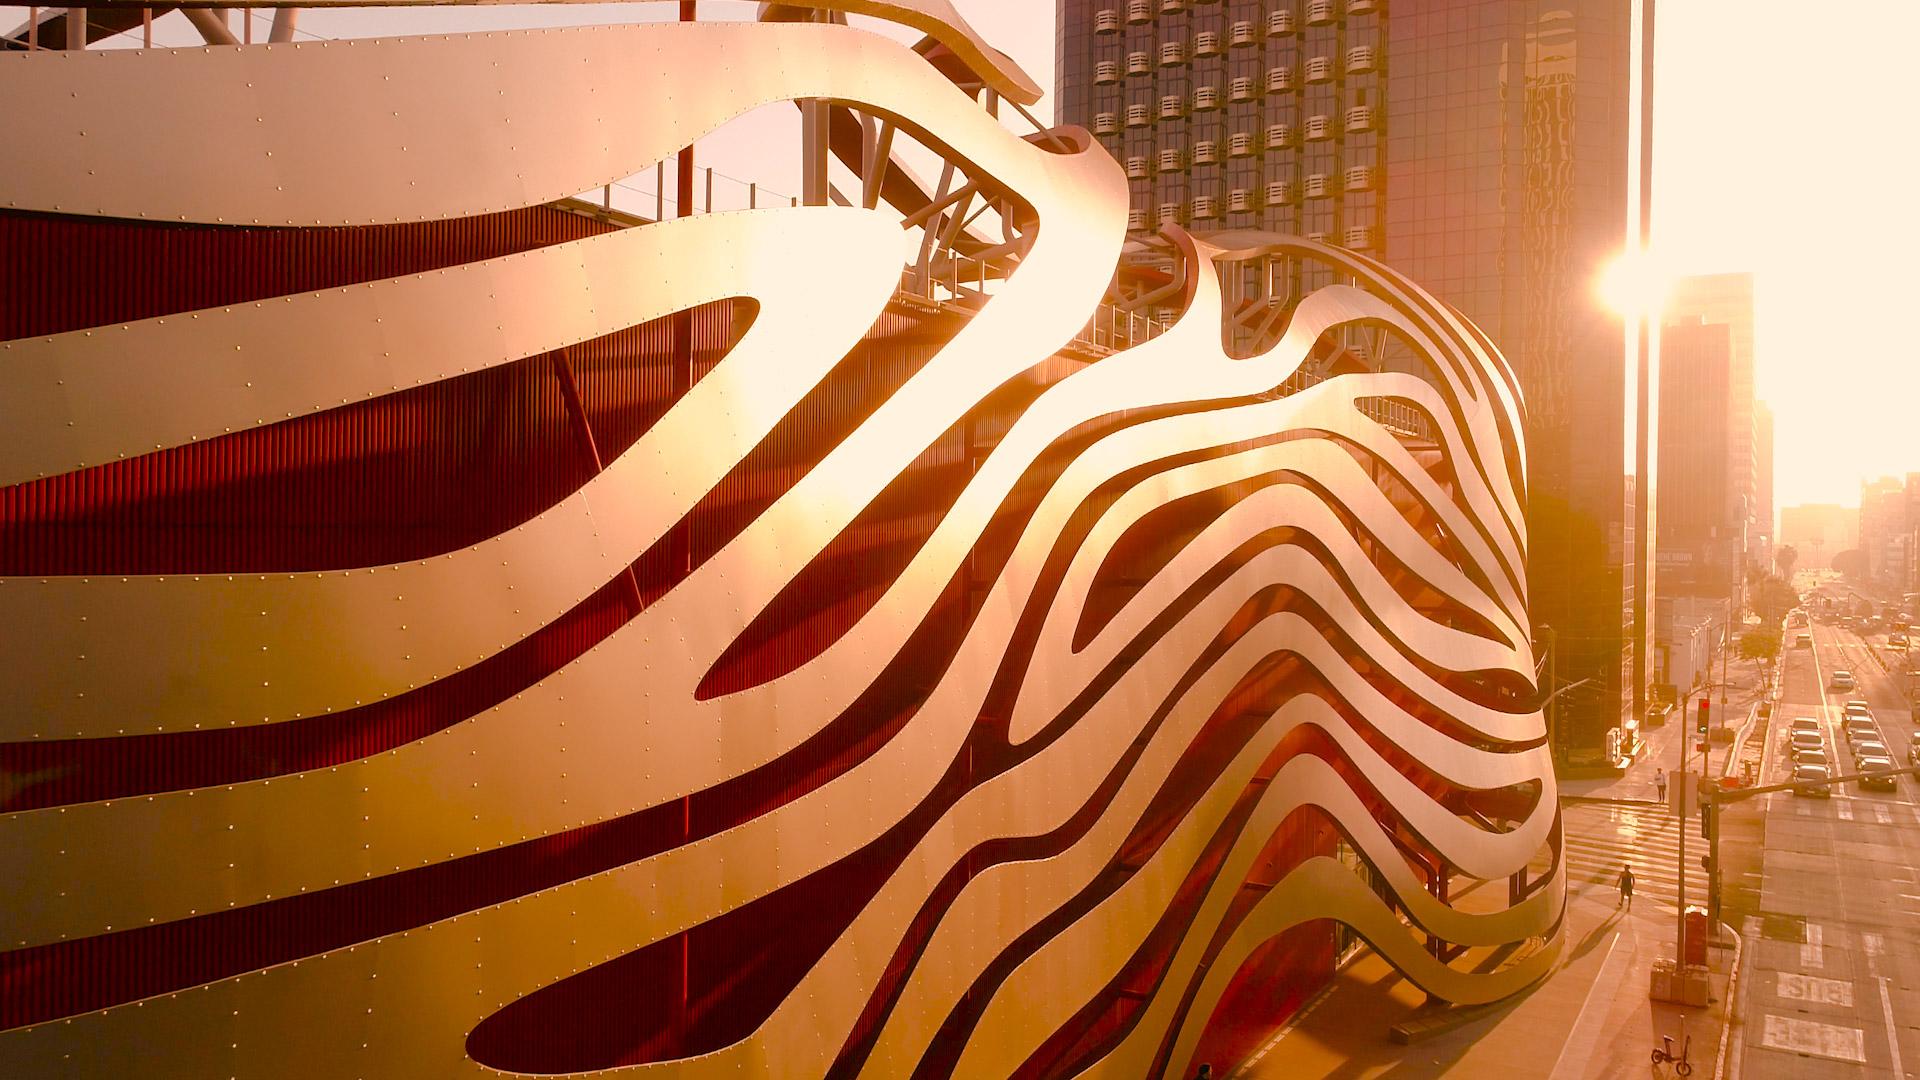 peterson-automotive-museum